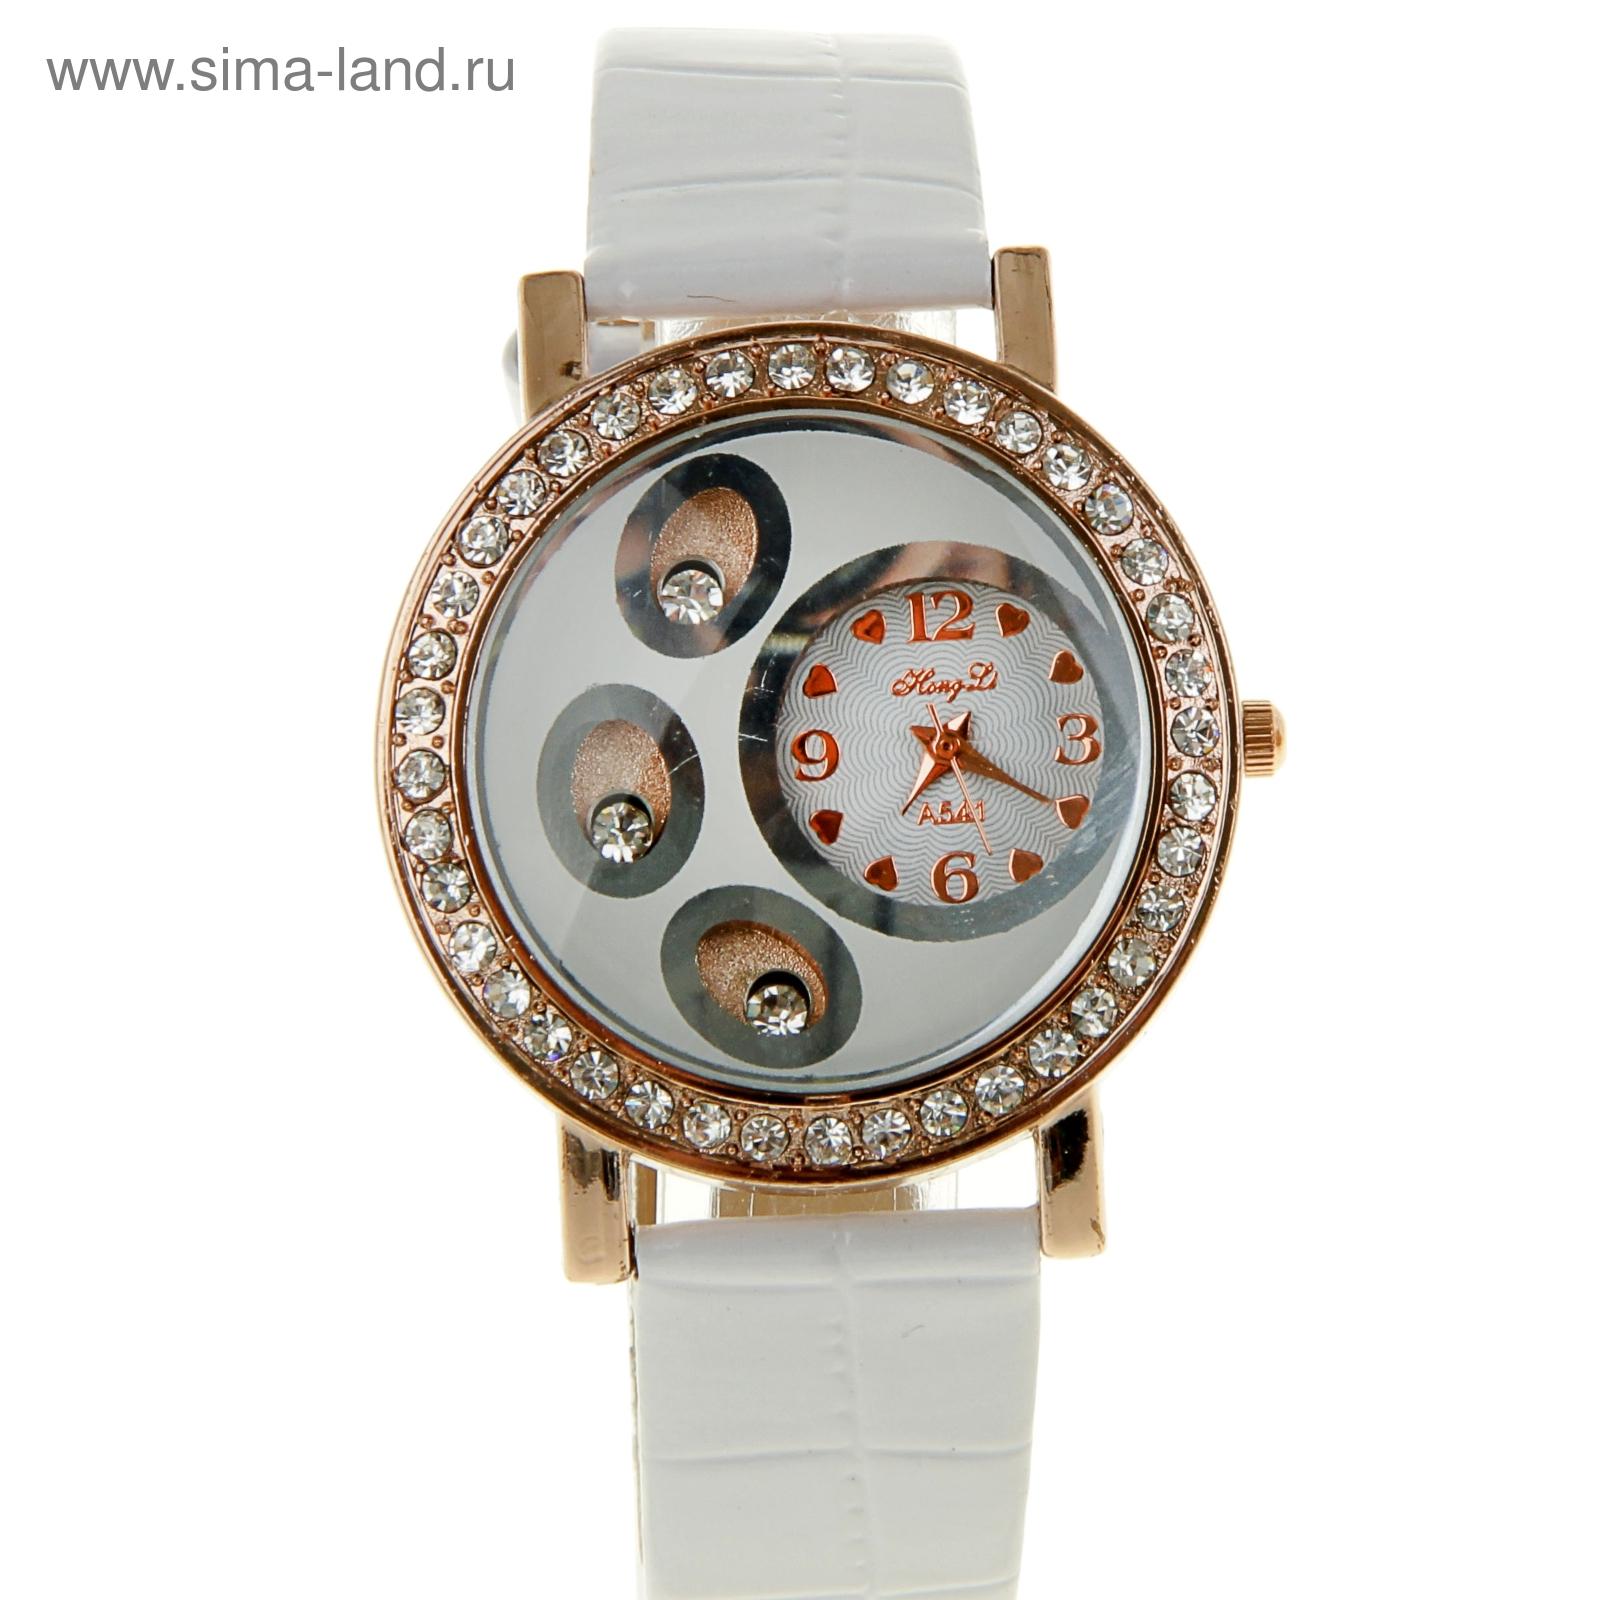 3861a6b4 Часы наручные женские со стразами, белый циферблат, с белым ремешком ...